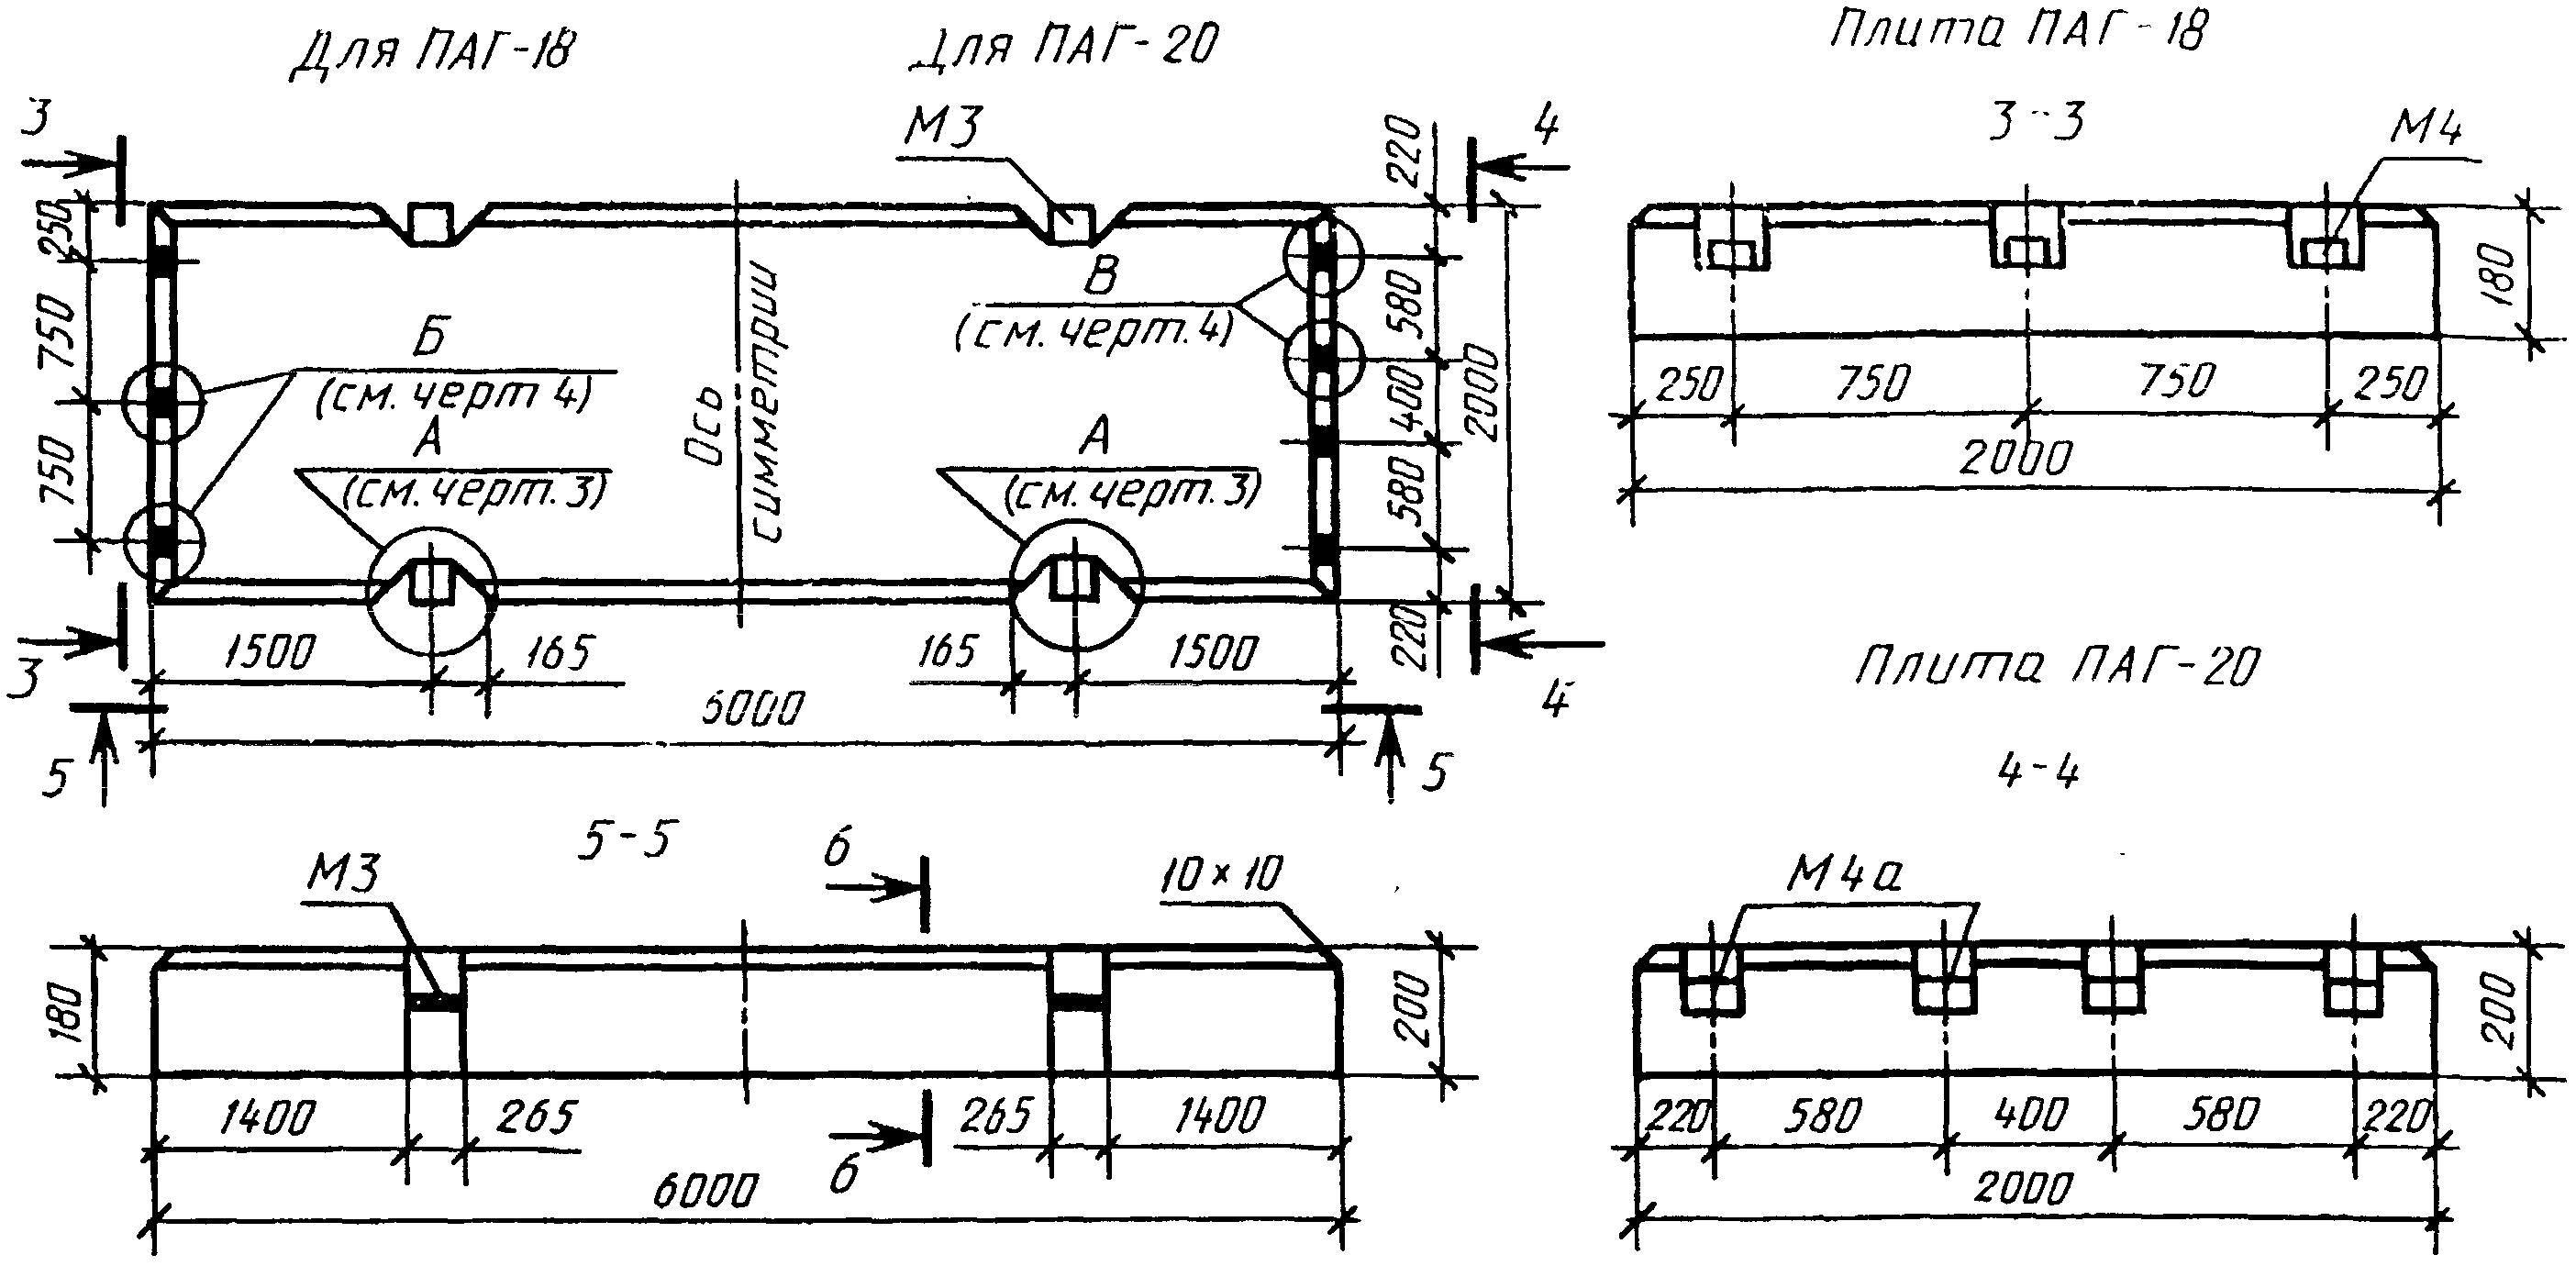 Аэродромная железобетонная плита примеры расчета железобетонных опор